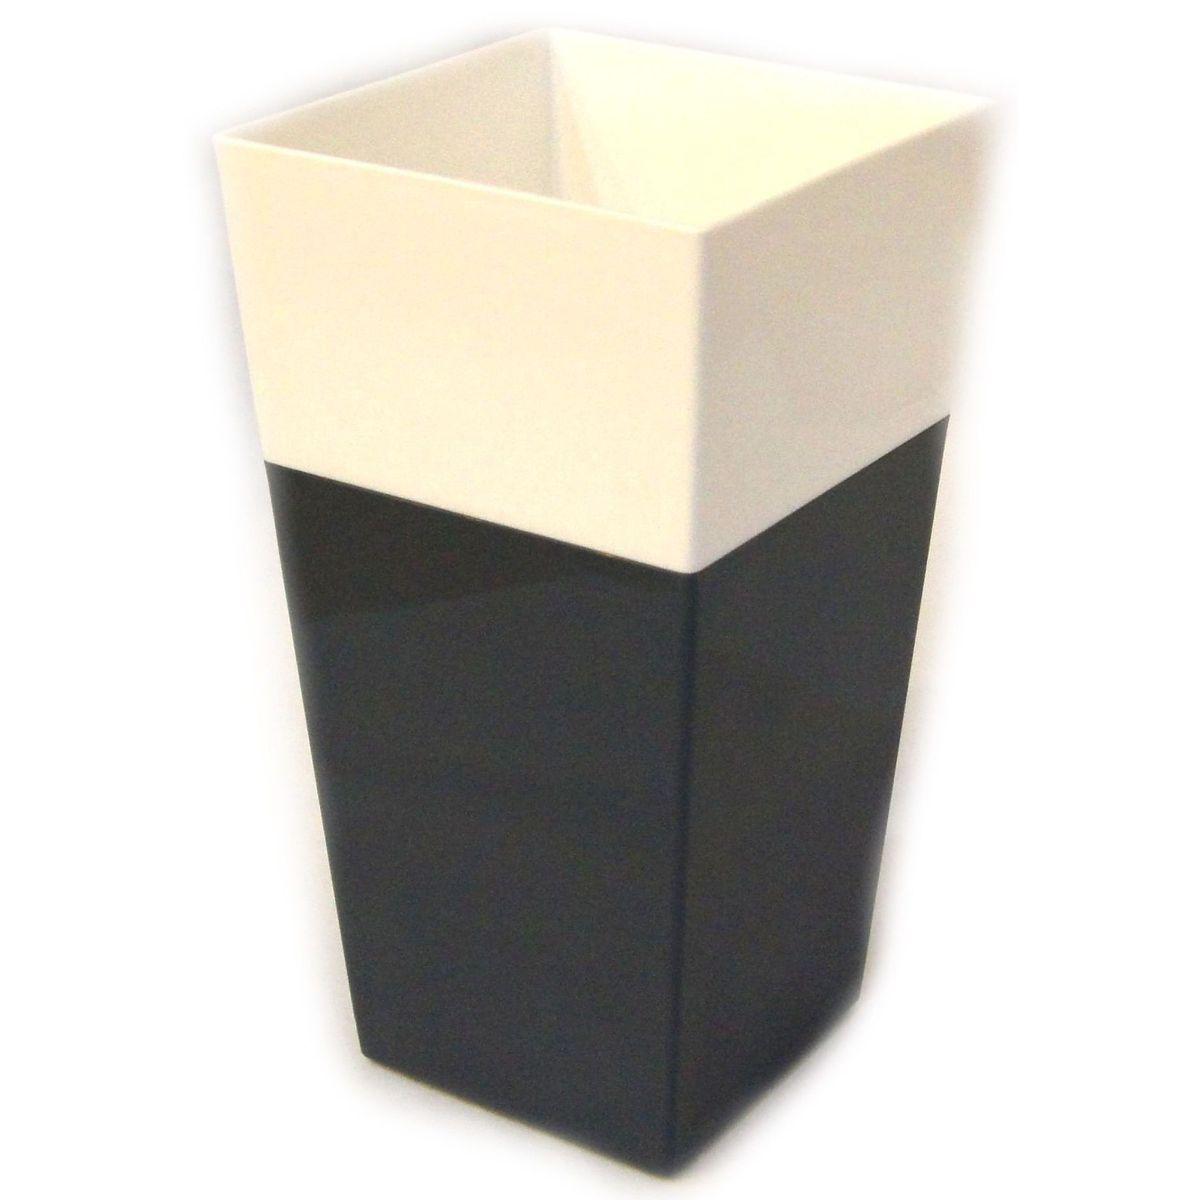 Кашпо JetPlast Дуэт, цвет: антрацит, белый, высота 26 см4612754052066Кашпо имеет строгий дизайн и состоит из двух частей: верхней части для цветка и нижней – поддона. Конструкция горшка позволяет, при желании, использовать систему фитильного полива, снабдив горшок веревкой. Оно изготовлено из прочного полипропилена (пластика). Размеры кашпо: 13 x 13 x 26 см.